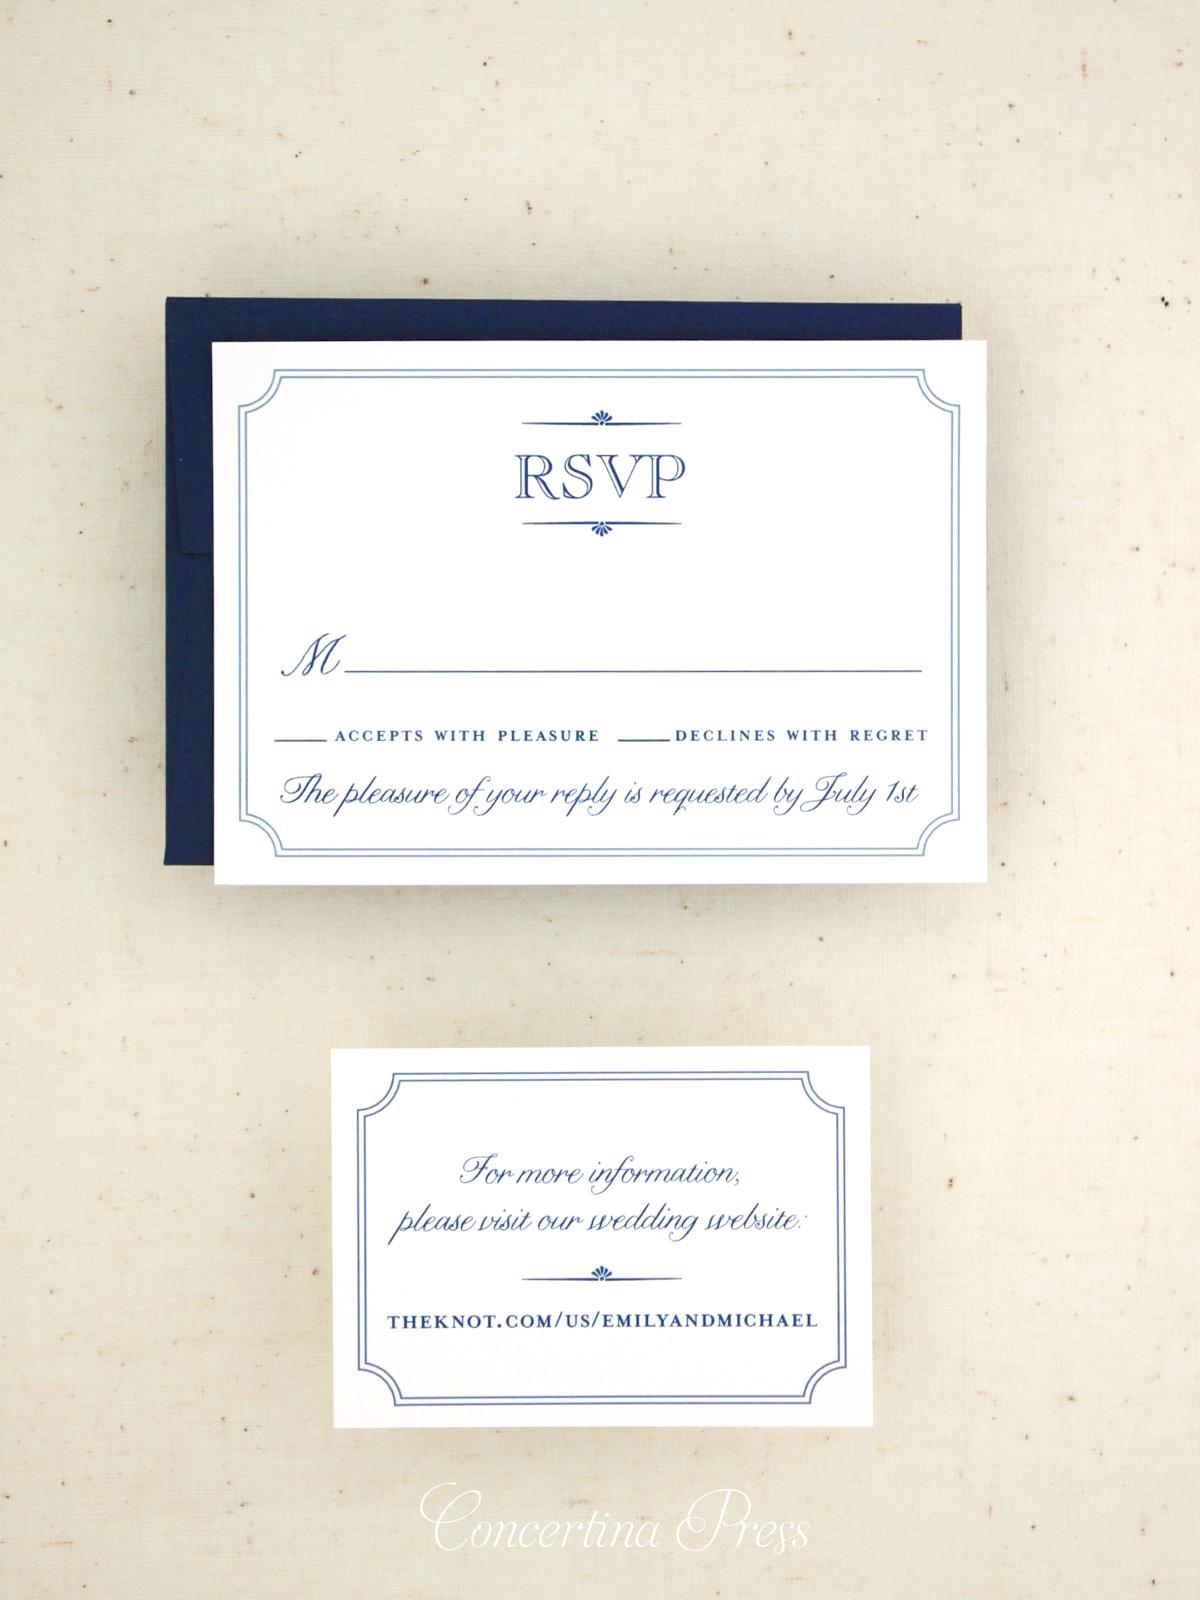 Simple Elegant Monogram Wedding Invitation — Concertina Press ...